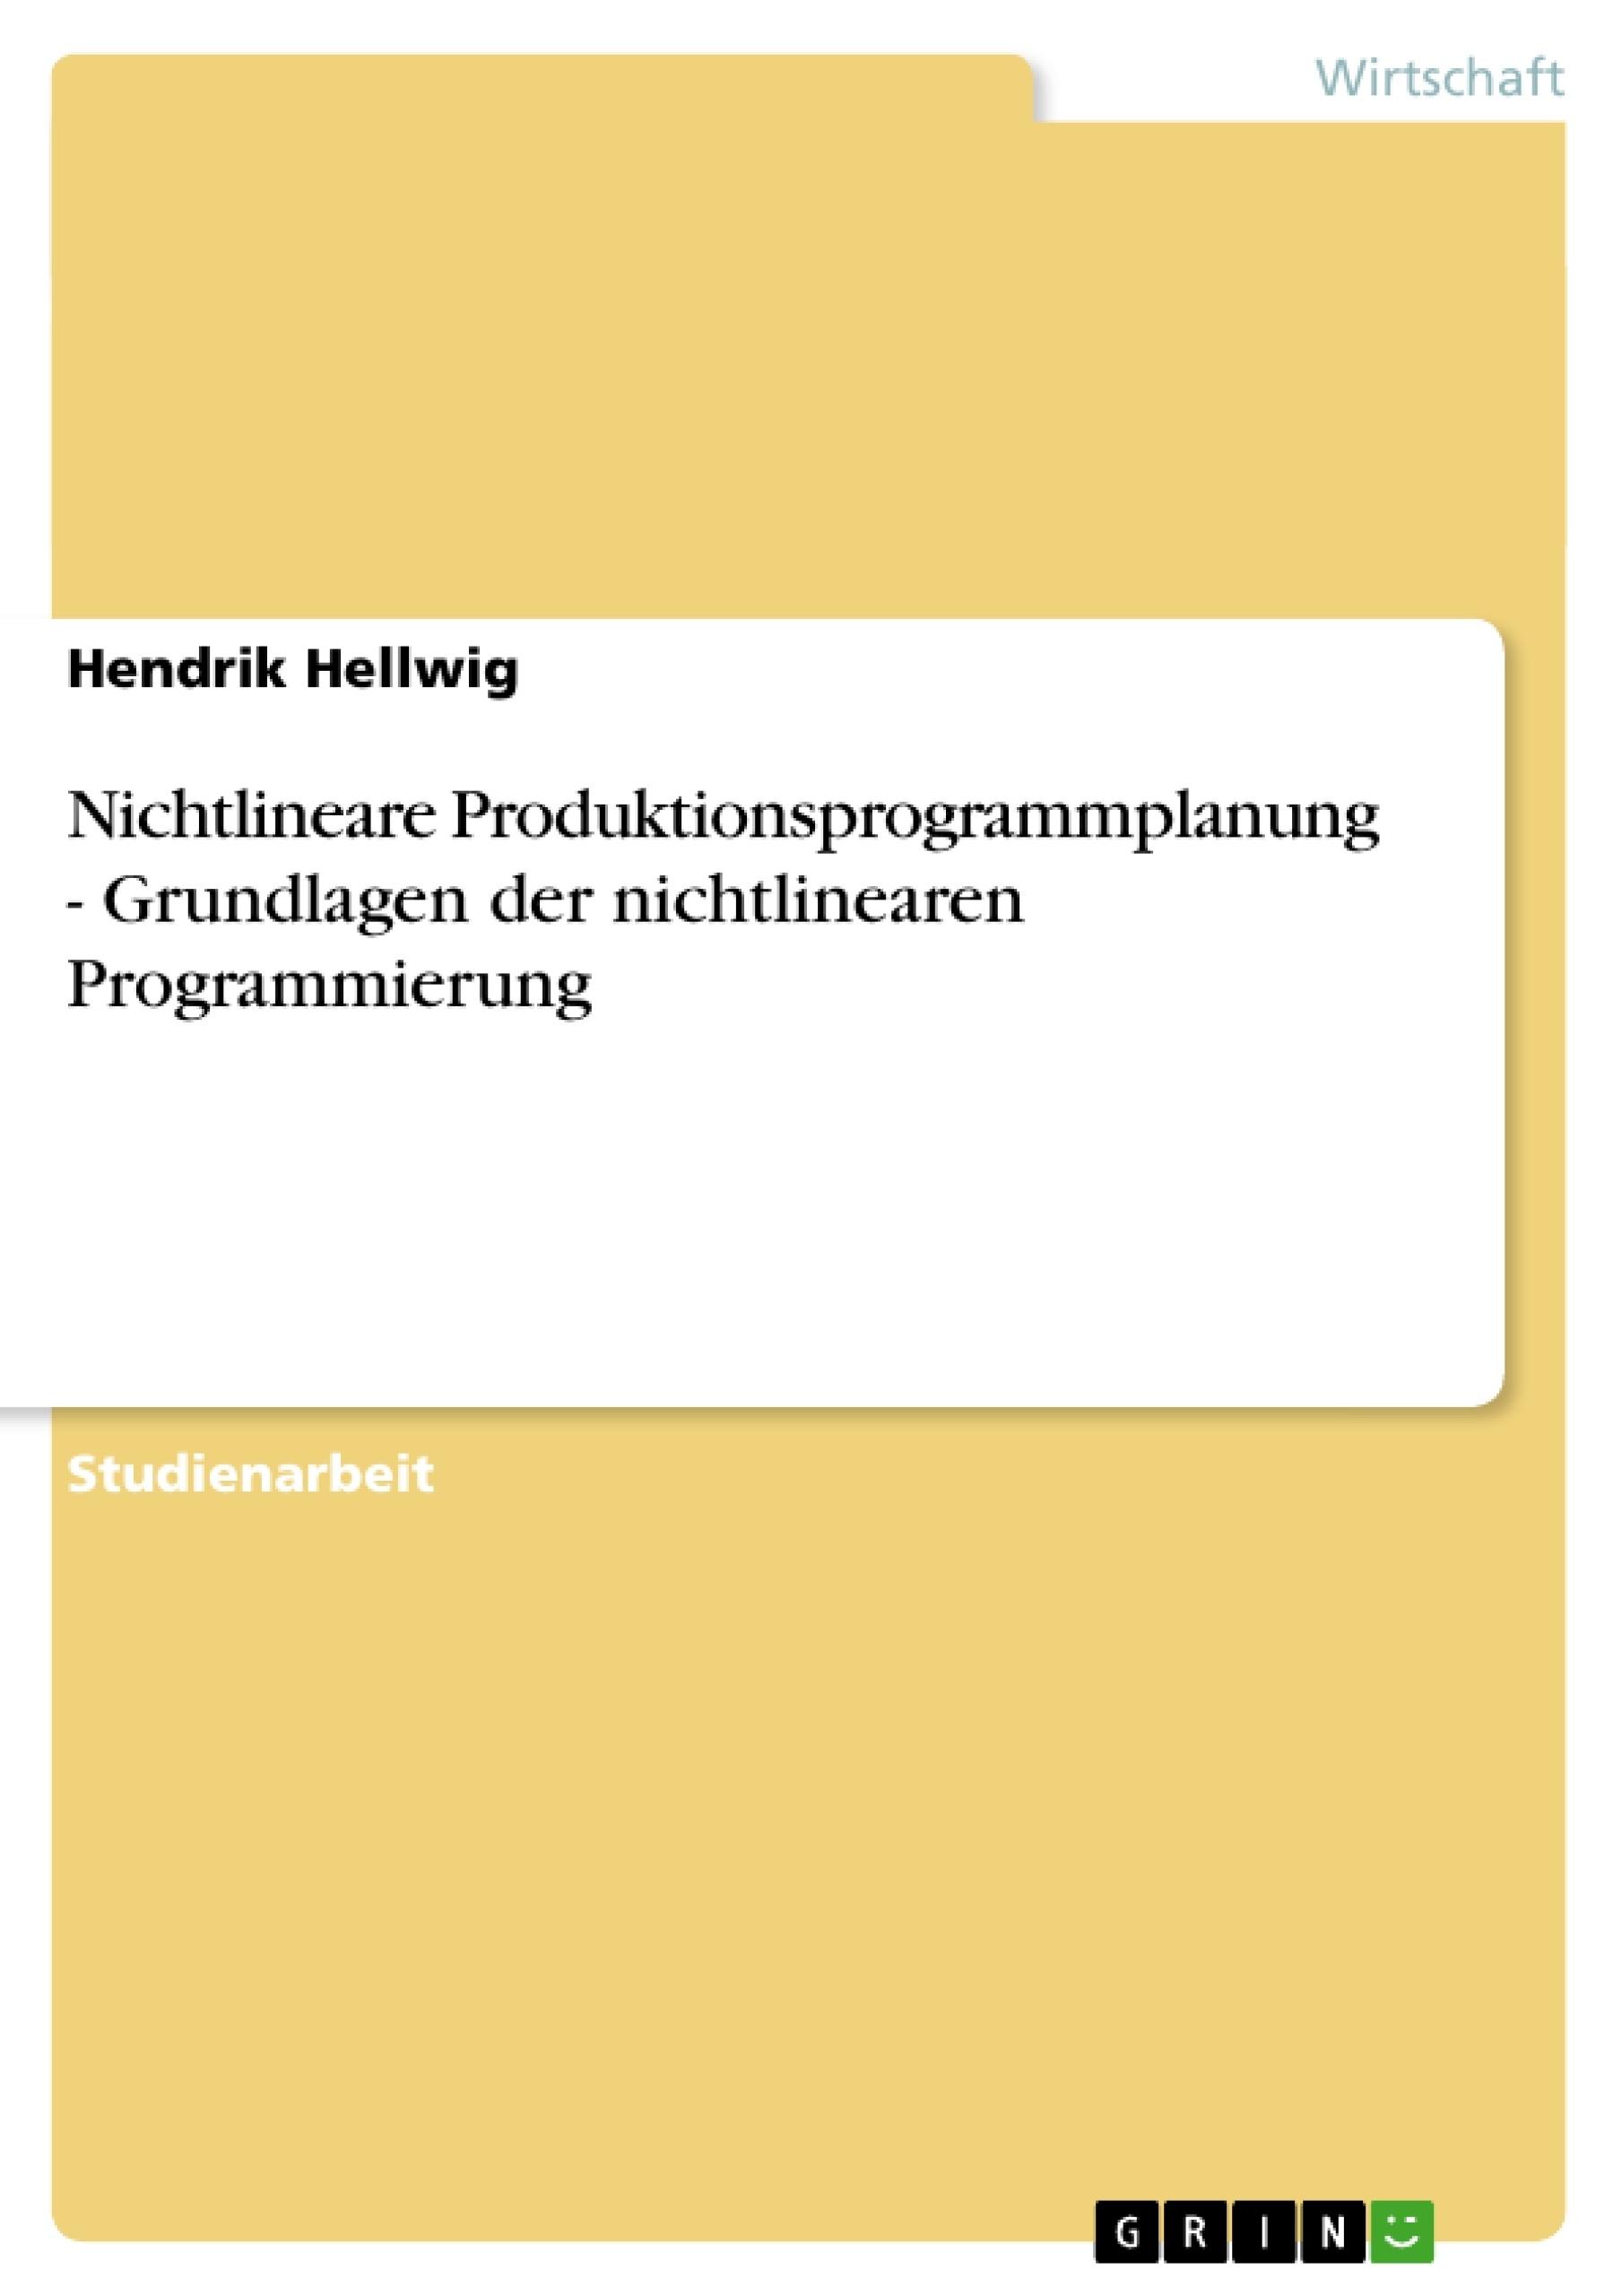 Titel: Nichtlineare Produktionsprogrammplanung - Grundlagen der nichtlinearen Programmierung